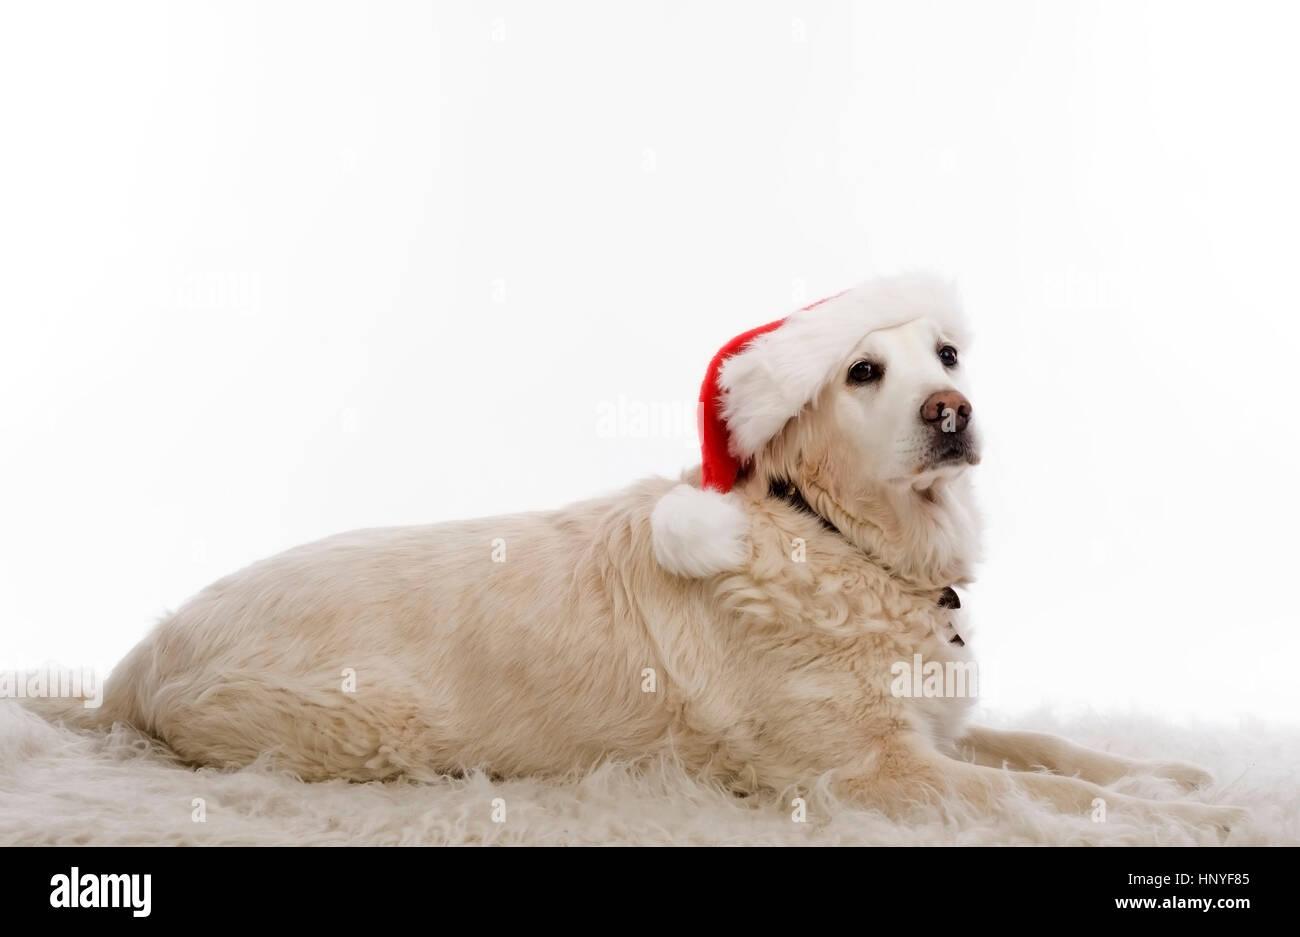 Weihnachtshund - Weihnachten Hund Stockfoto, Bild: 133985045 - Alamy